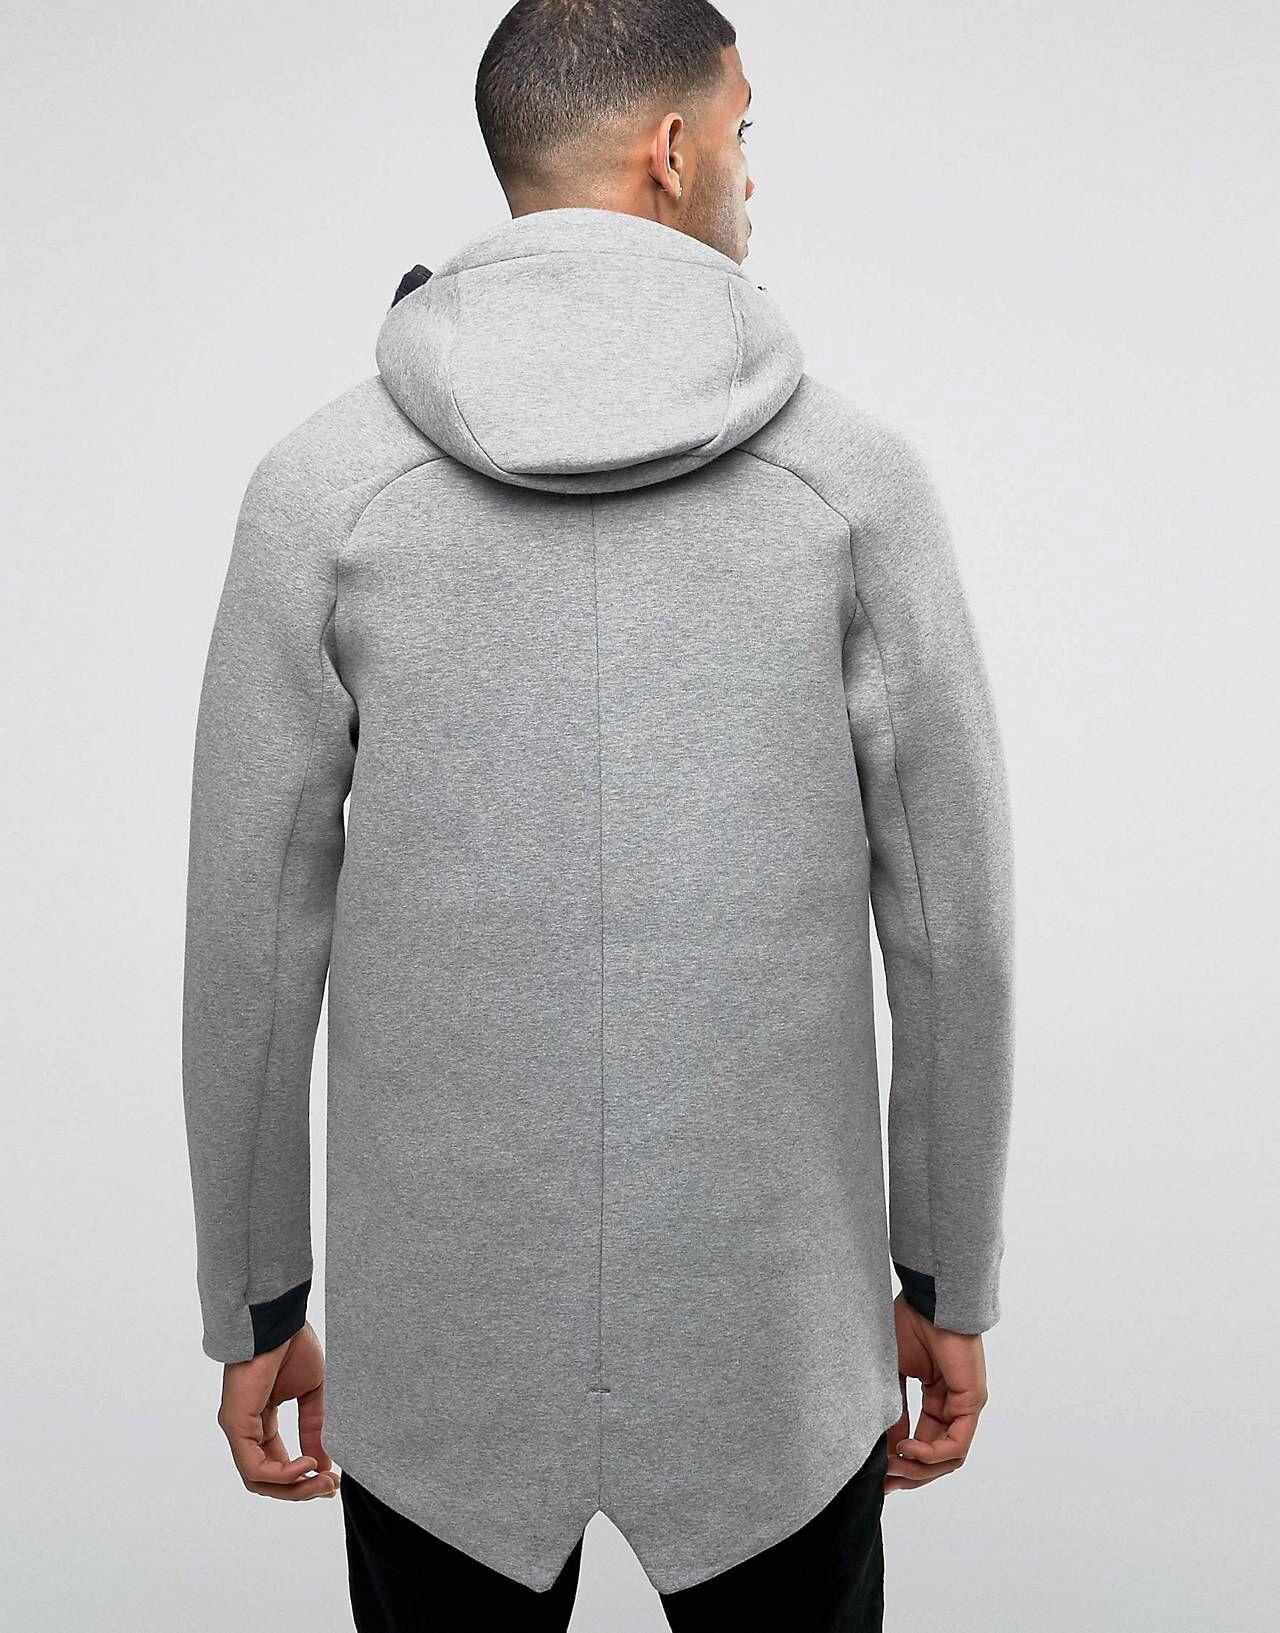 Nike En Technique 805142 Polaire 3m Bandes Veste Avec 091 Longue qqfBFavWw